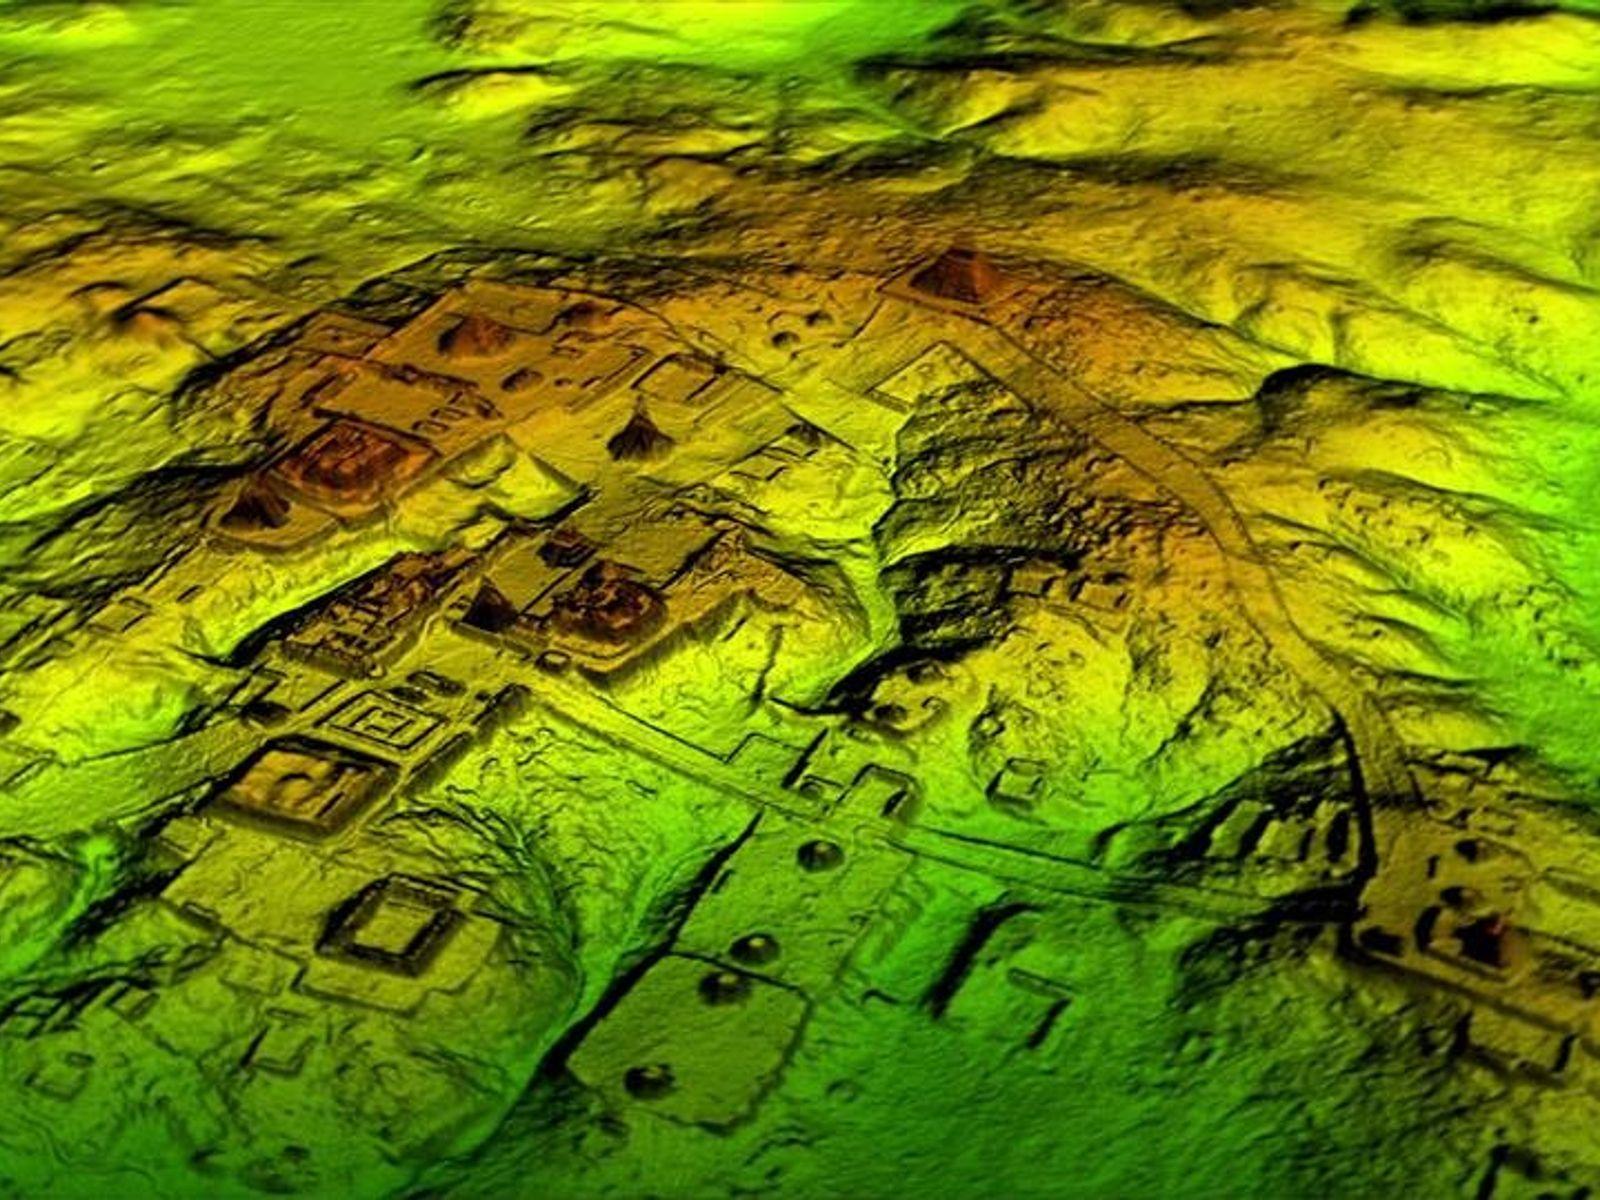 Lidaraufnahmen offenbaren, was sich unter dem Blätterdach des Dschungels verbirgt. So fanden Forscher heraus, dass alte ...